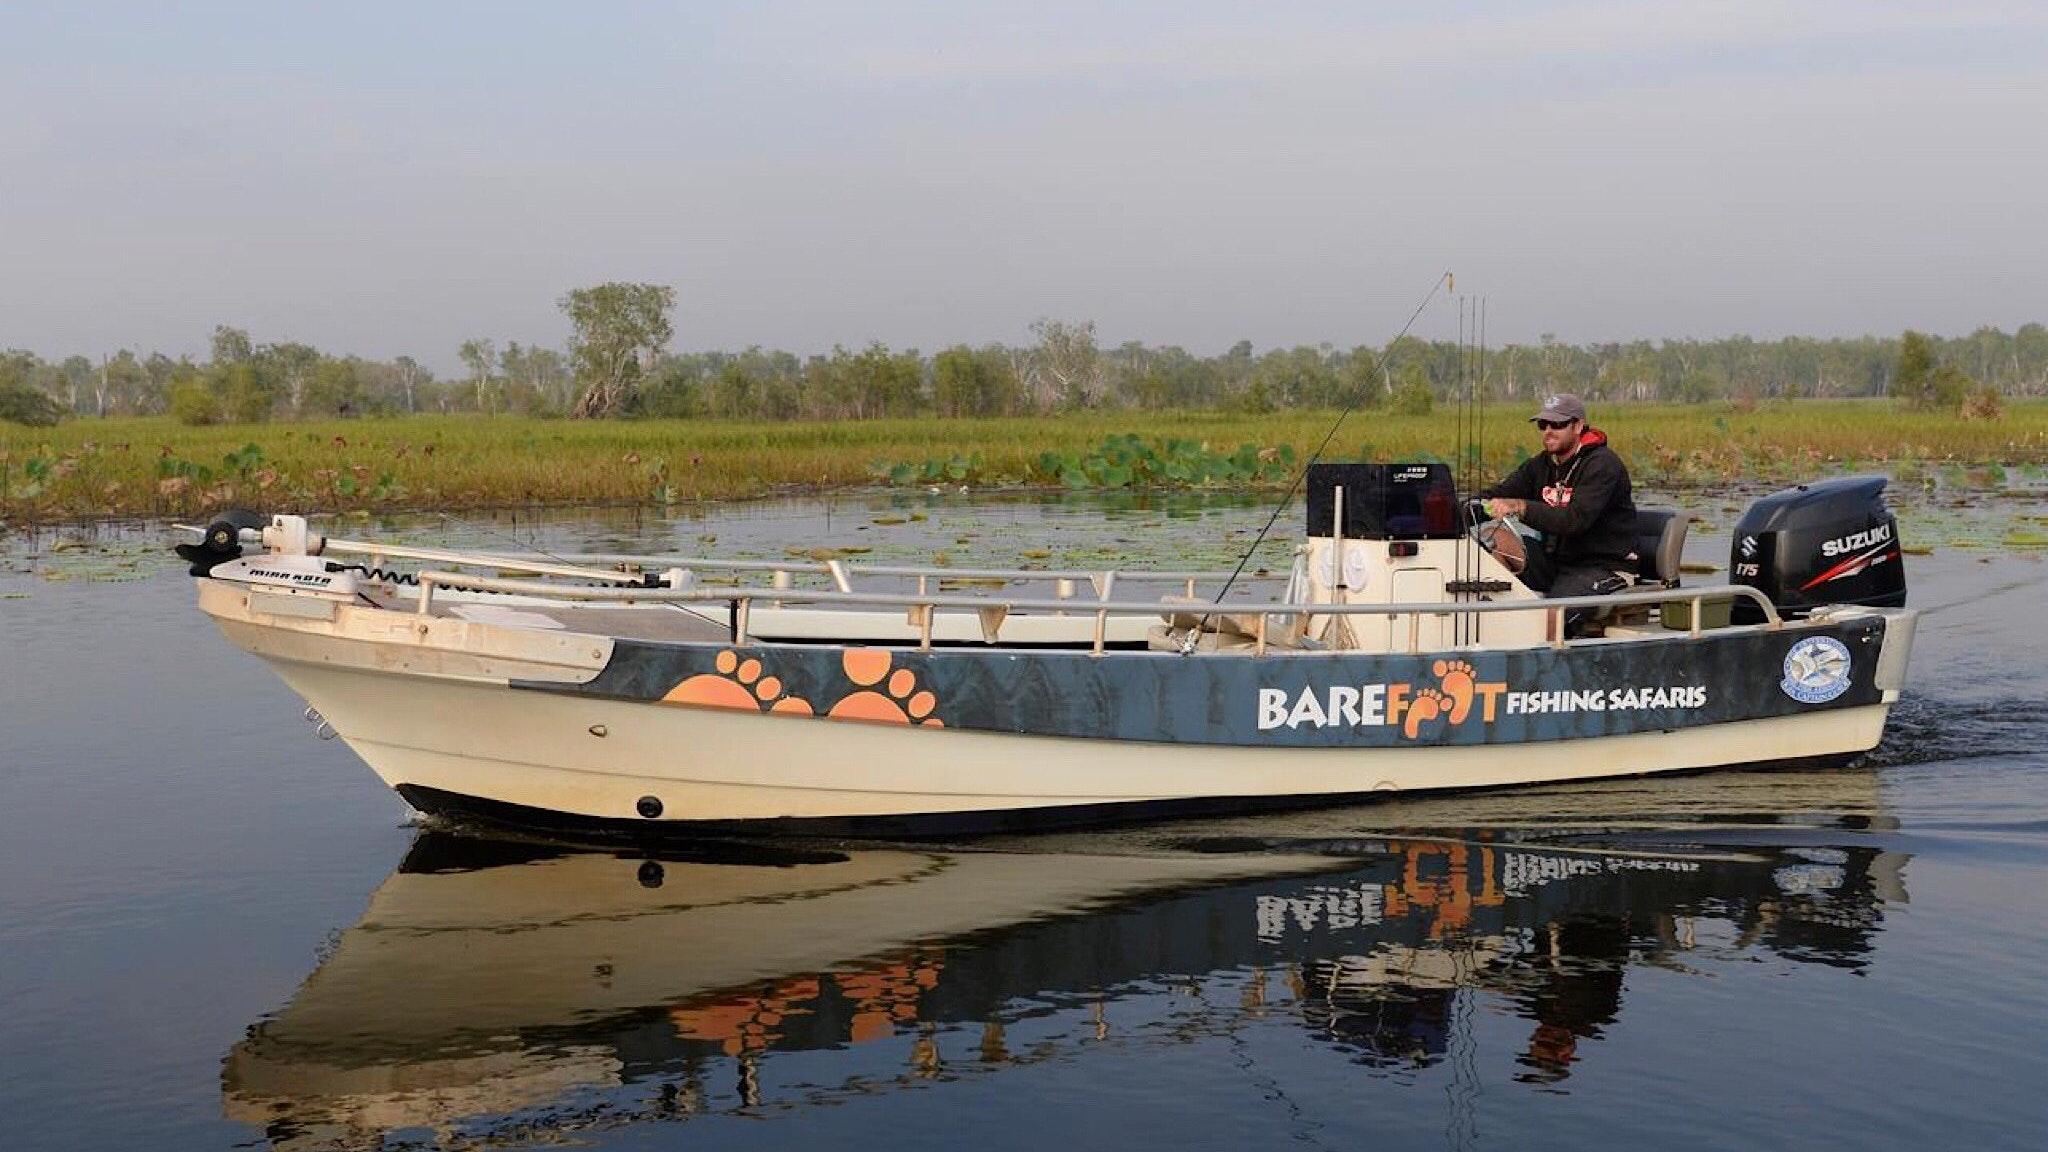 Barefoot Fishing Safaris